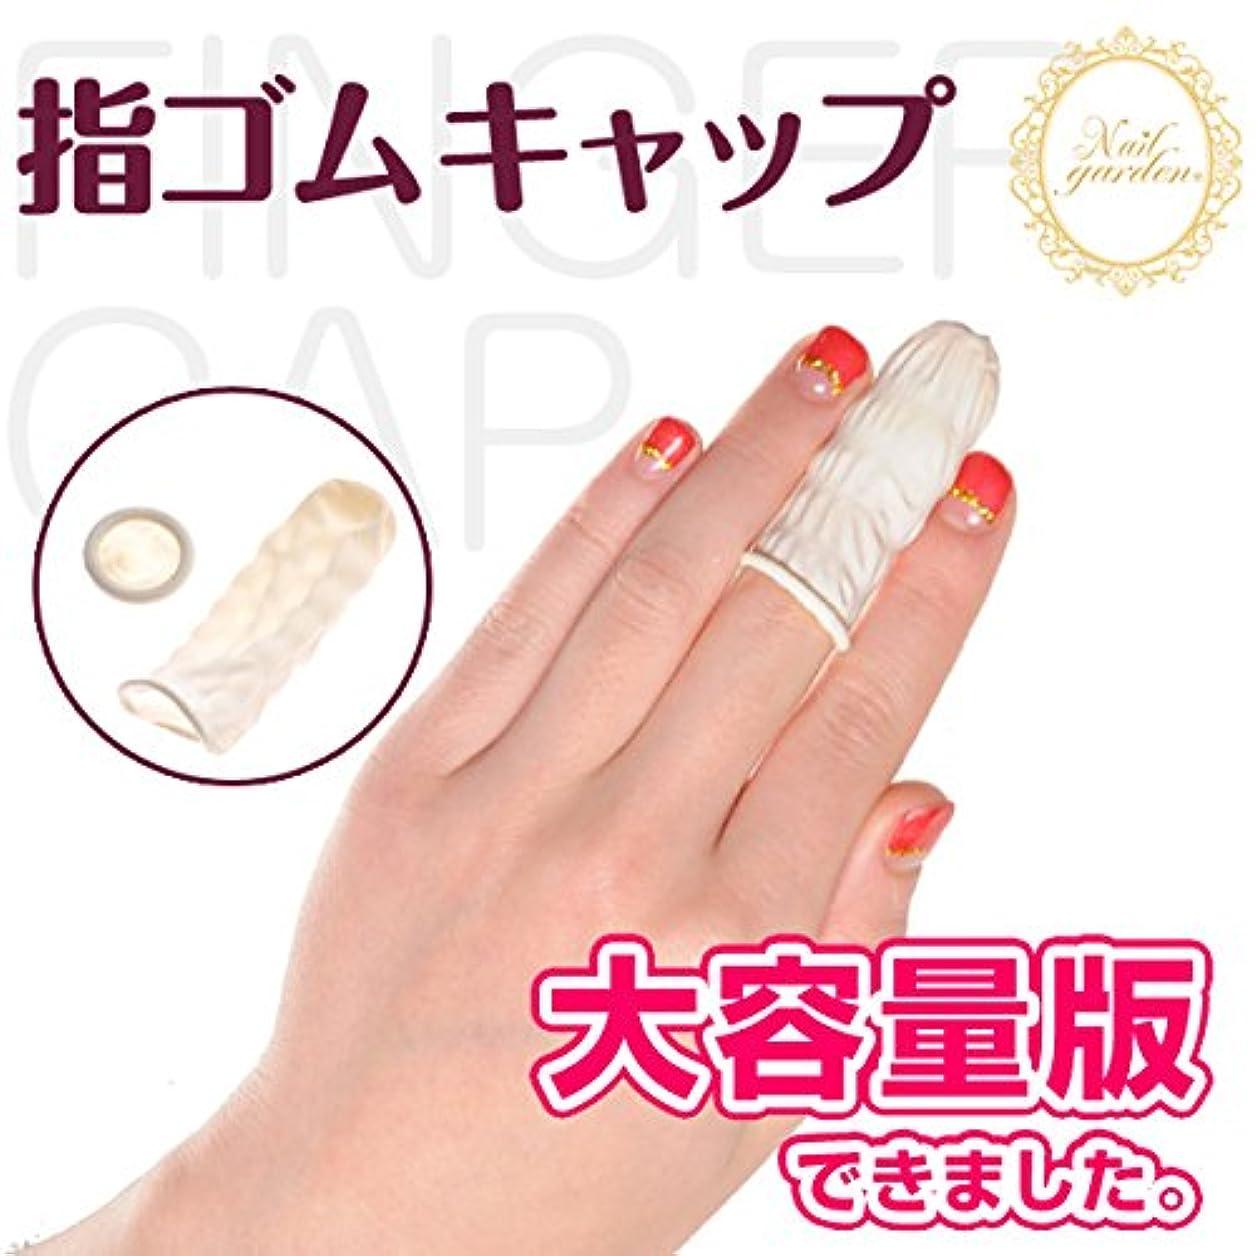 略奪平らにする肝指ゴムキャップ☆ジェルネイルオフ用☆100個入り/ジェルネイル カラージェル ネイル用品